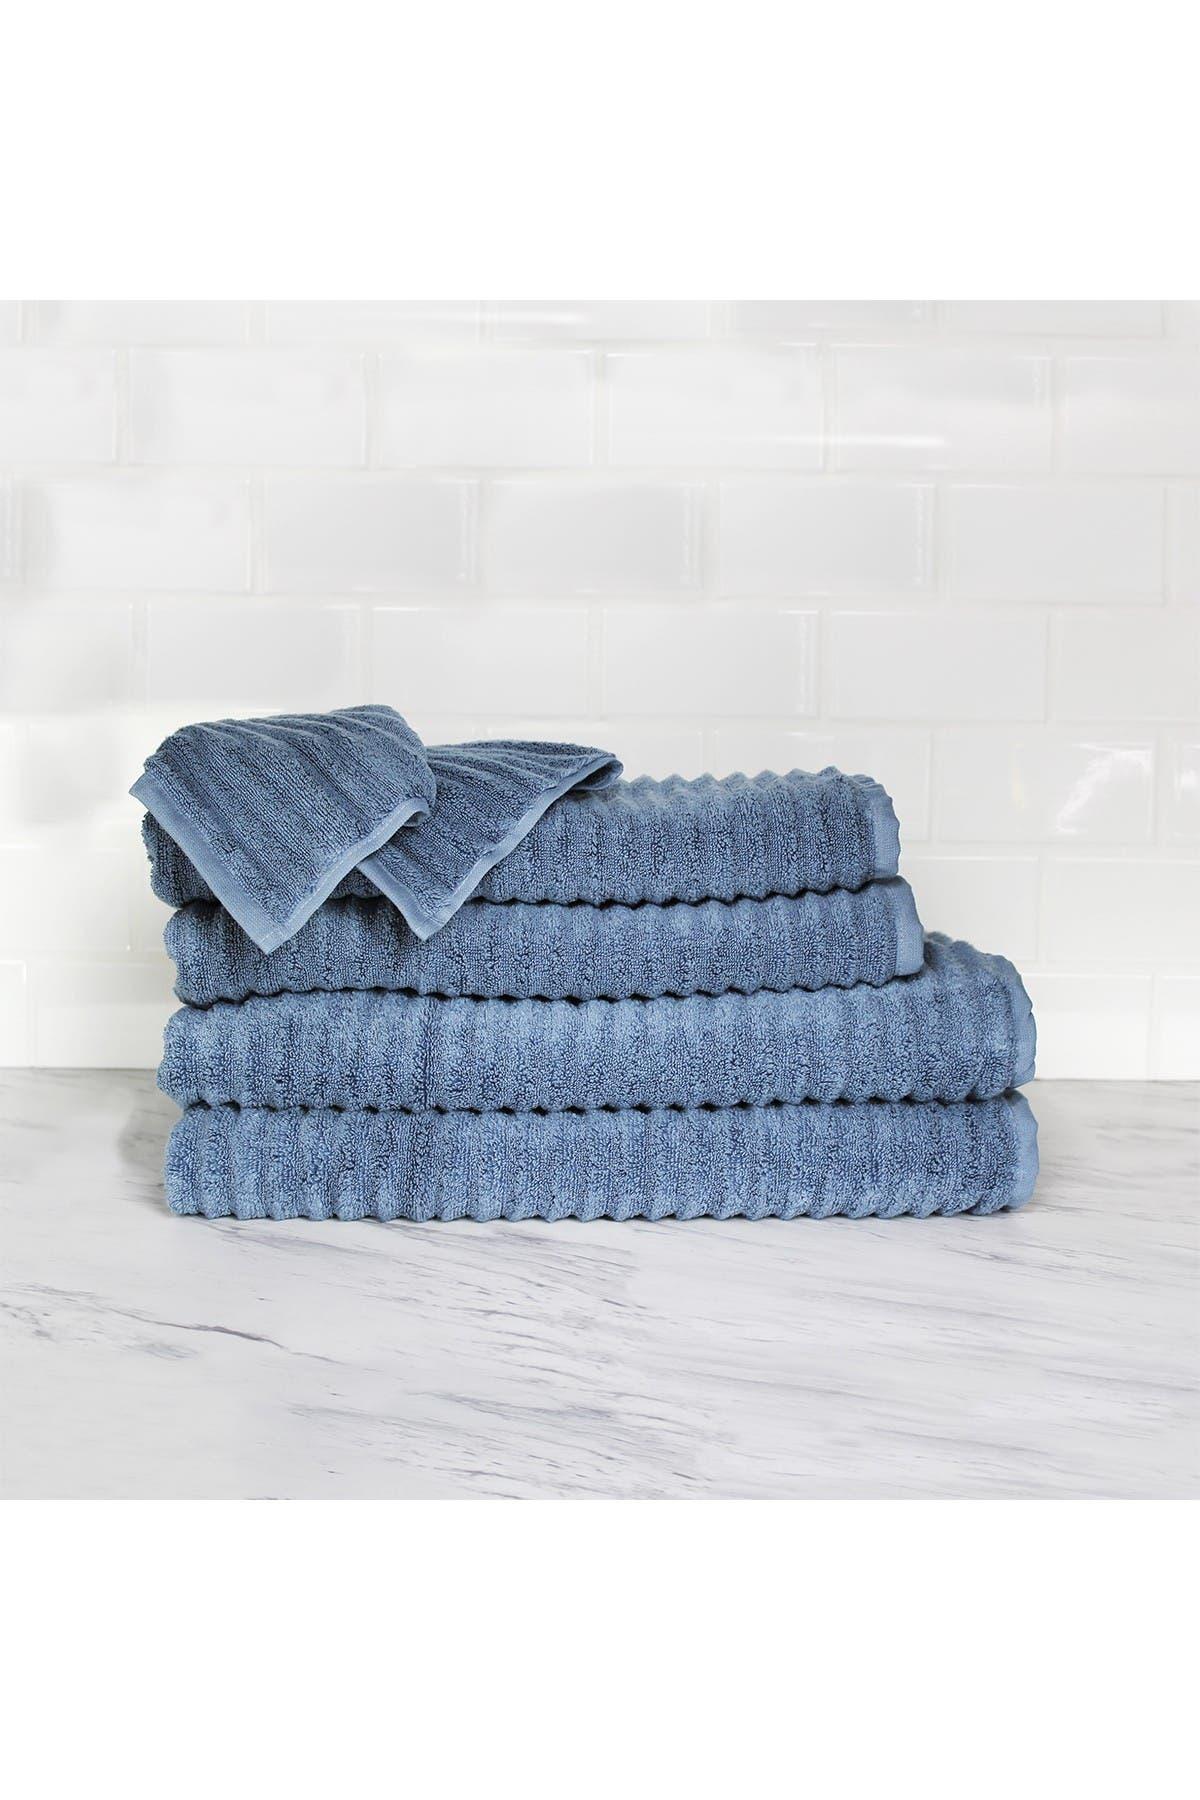 Image of Melange Home Zero Twist 6-Piece Towel Set - Multiple Colors Available